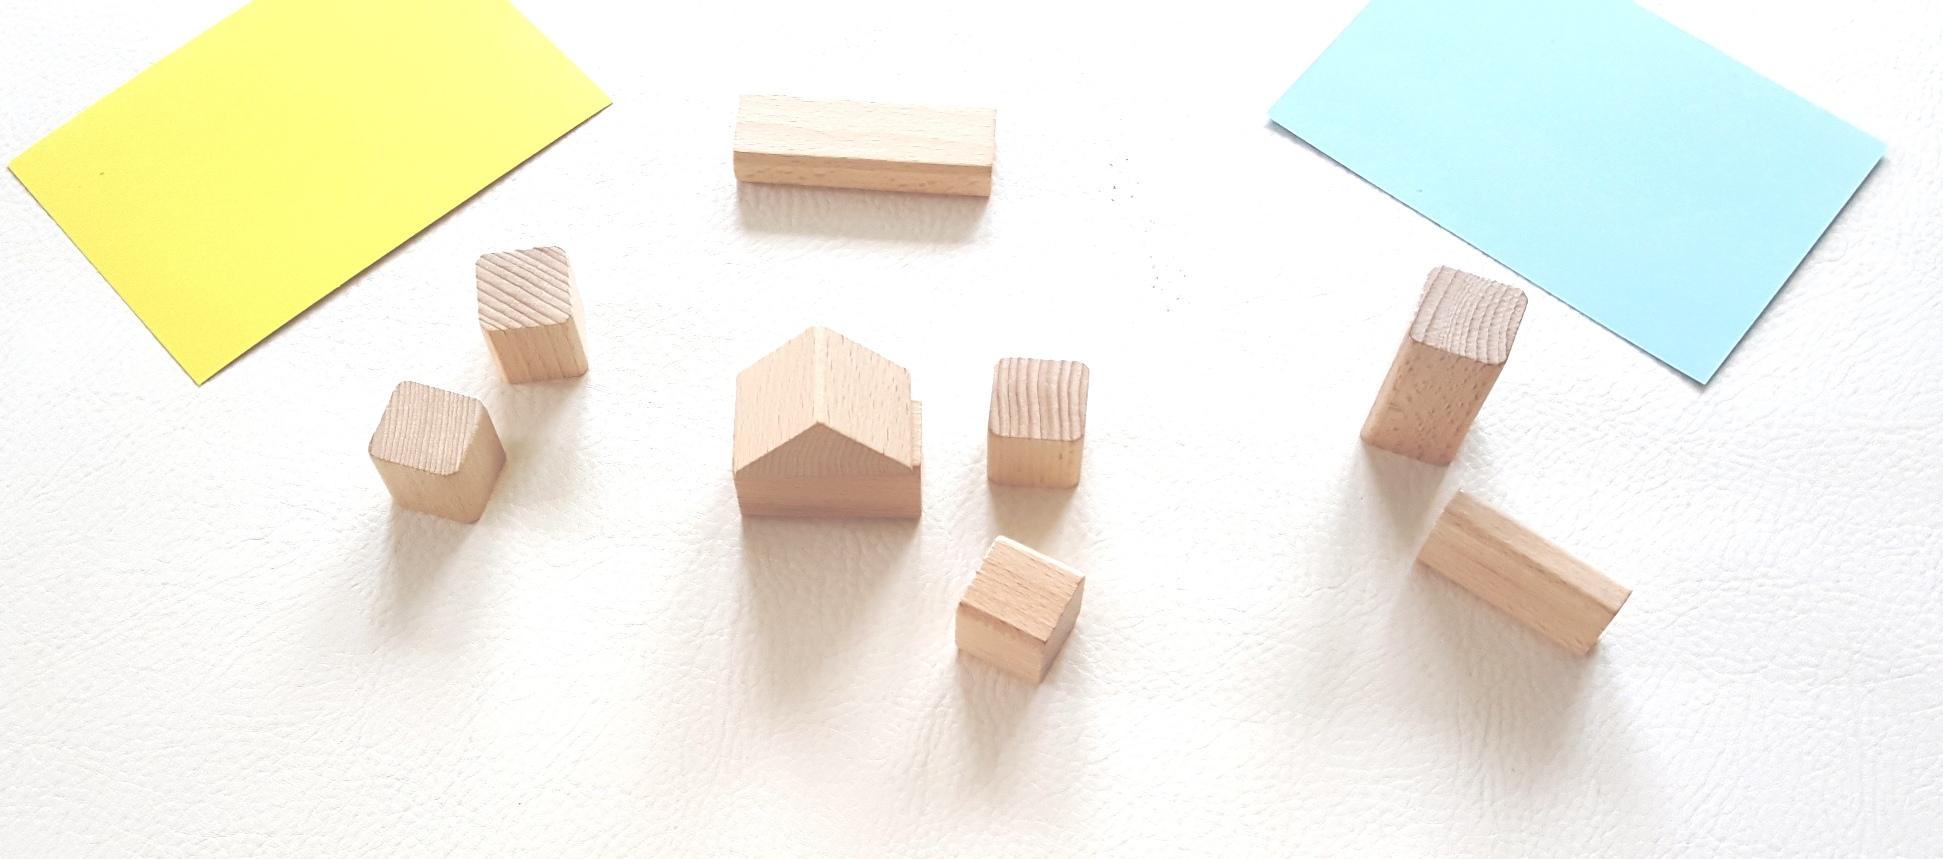 Ausbildung zum Immobiliencoach, systemische Immobilienberatung, Maklercoaching, Mensch und Immobilie